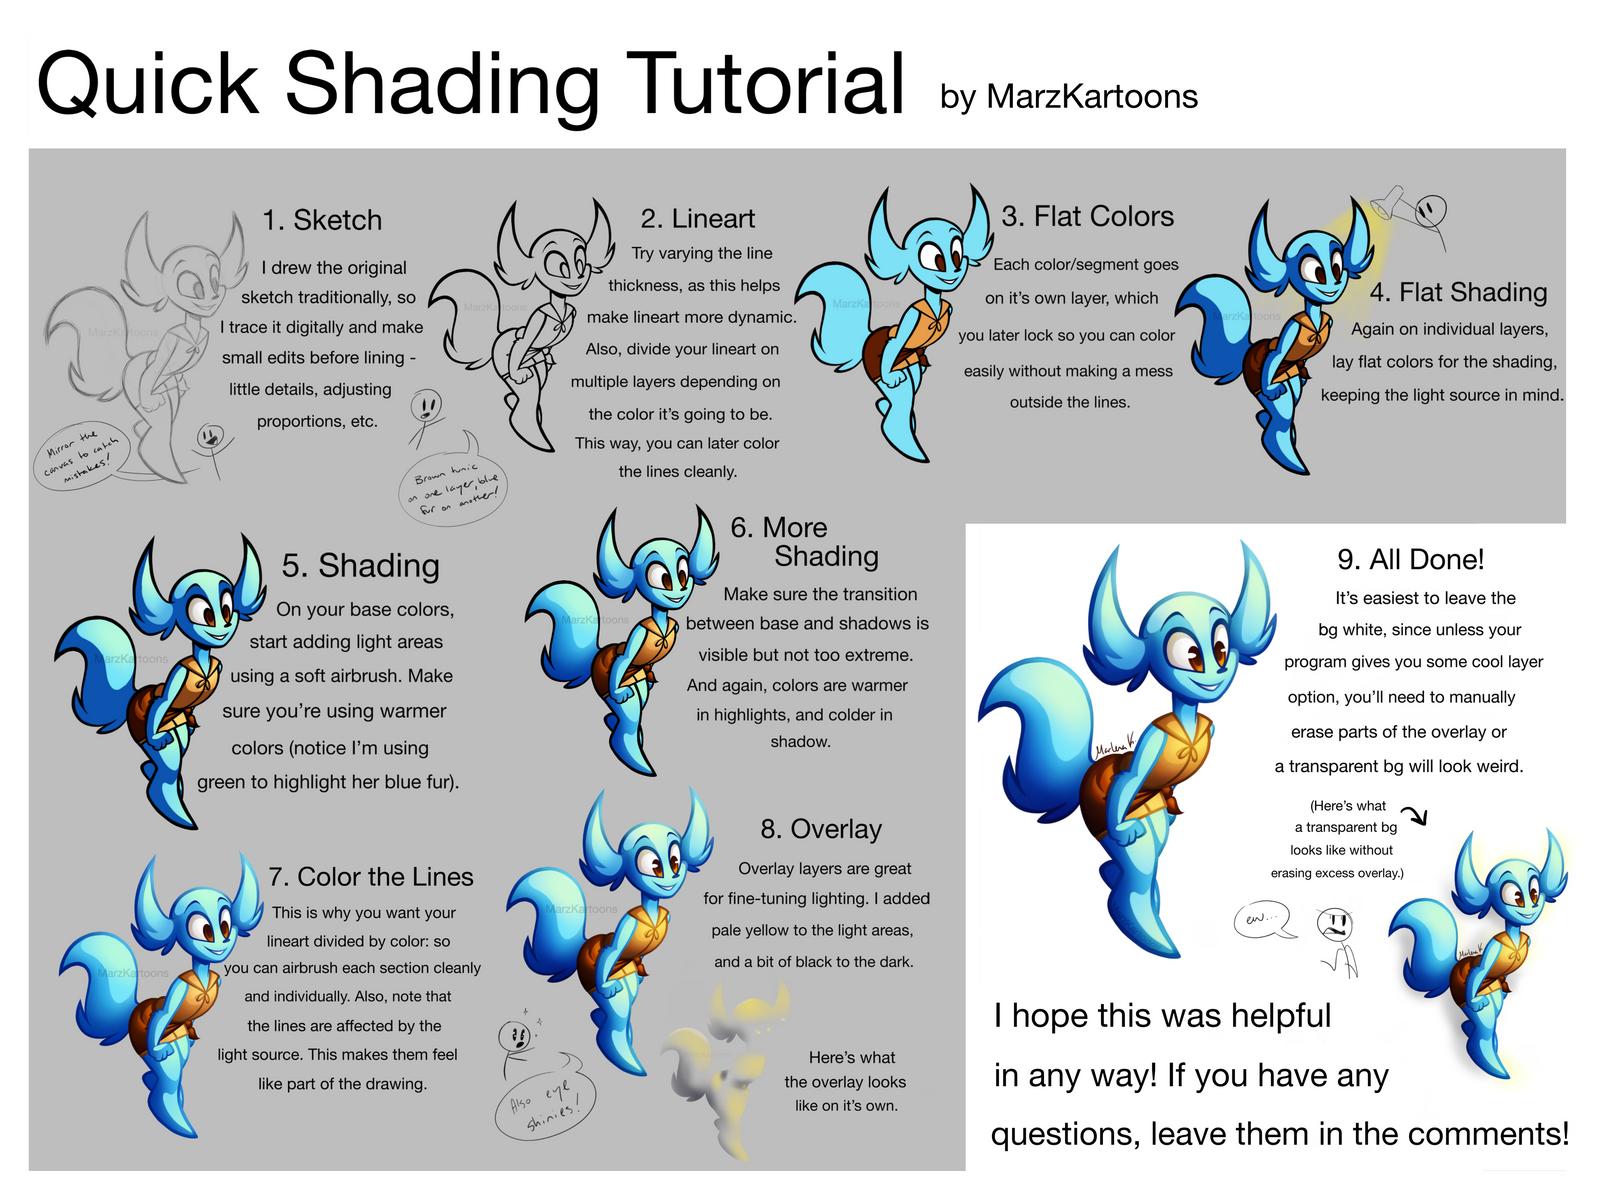 quick shading tutorial by marzkartoons on deviantart